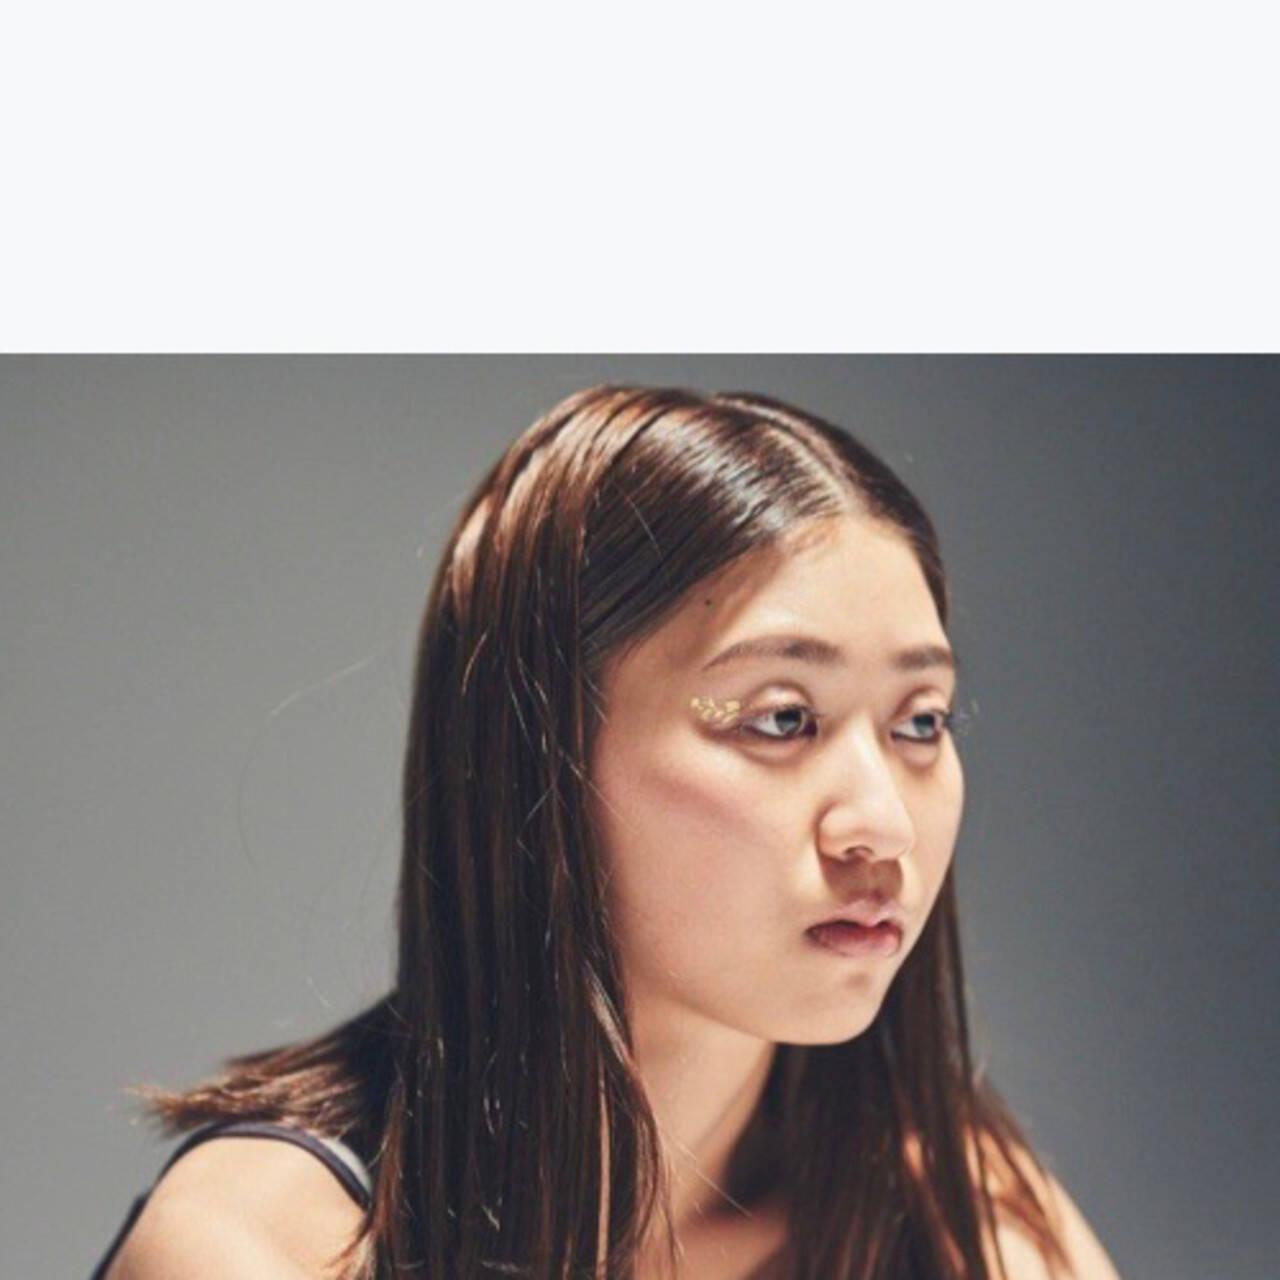 ヘアメイク ロング ナチュラル ヘアアレンジヘアスタイルや髪型の写真・画像